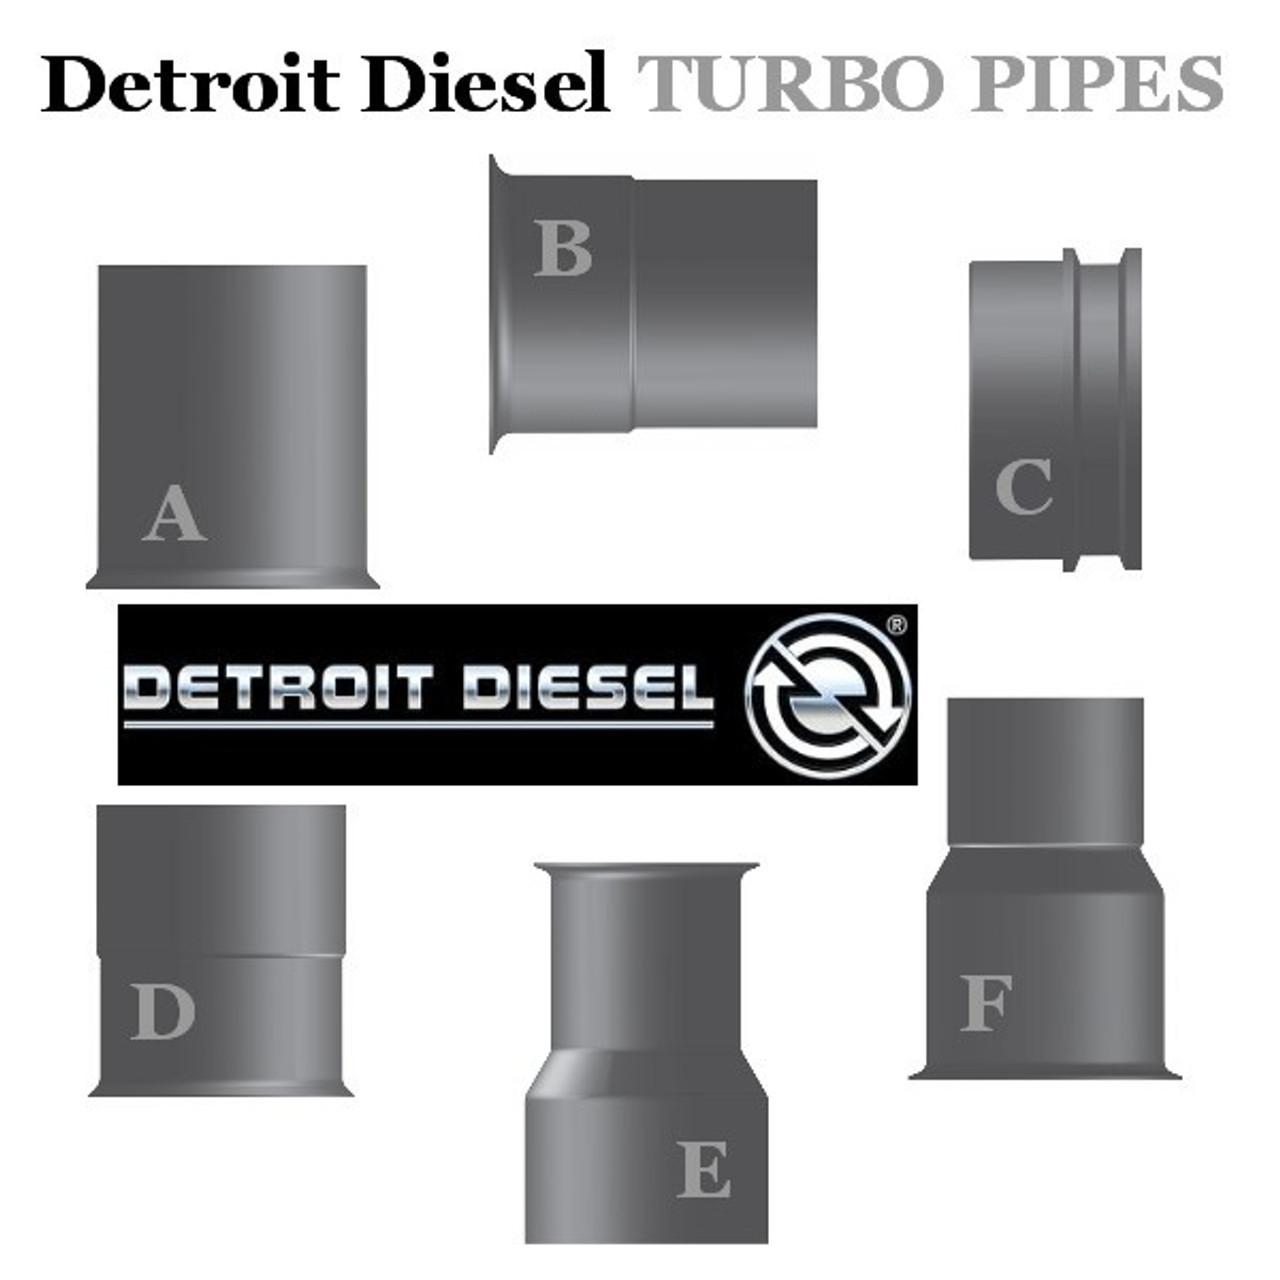 Detroit Diesel Turbo